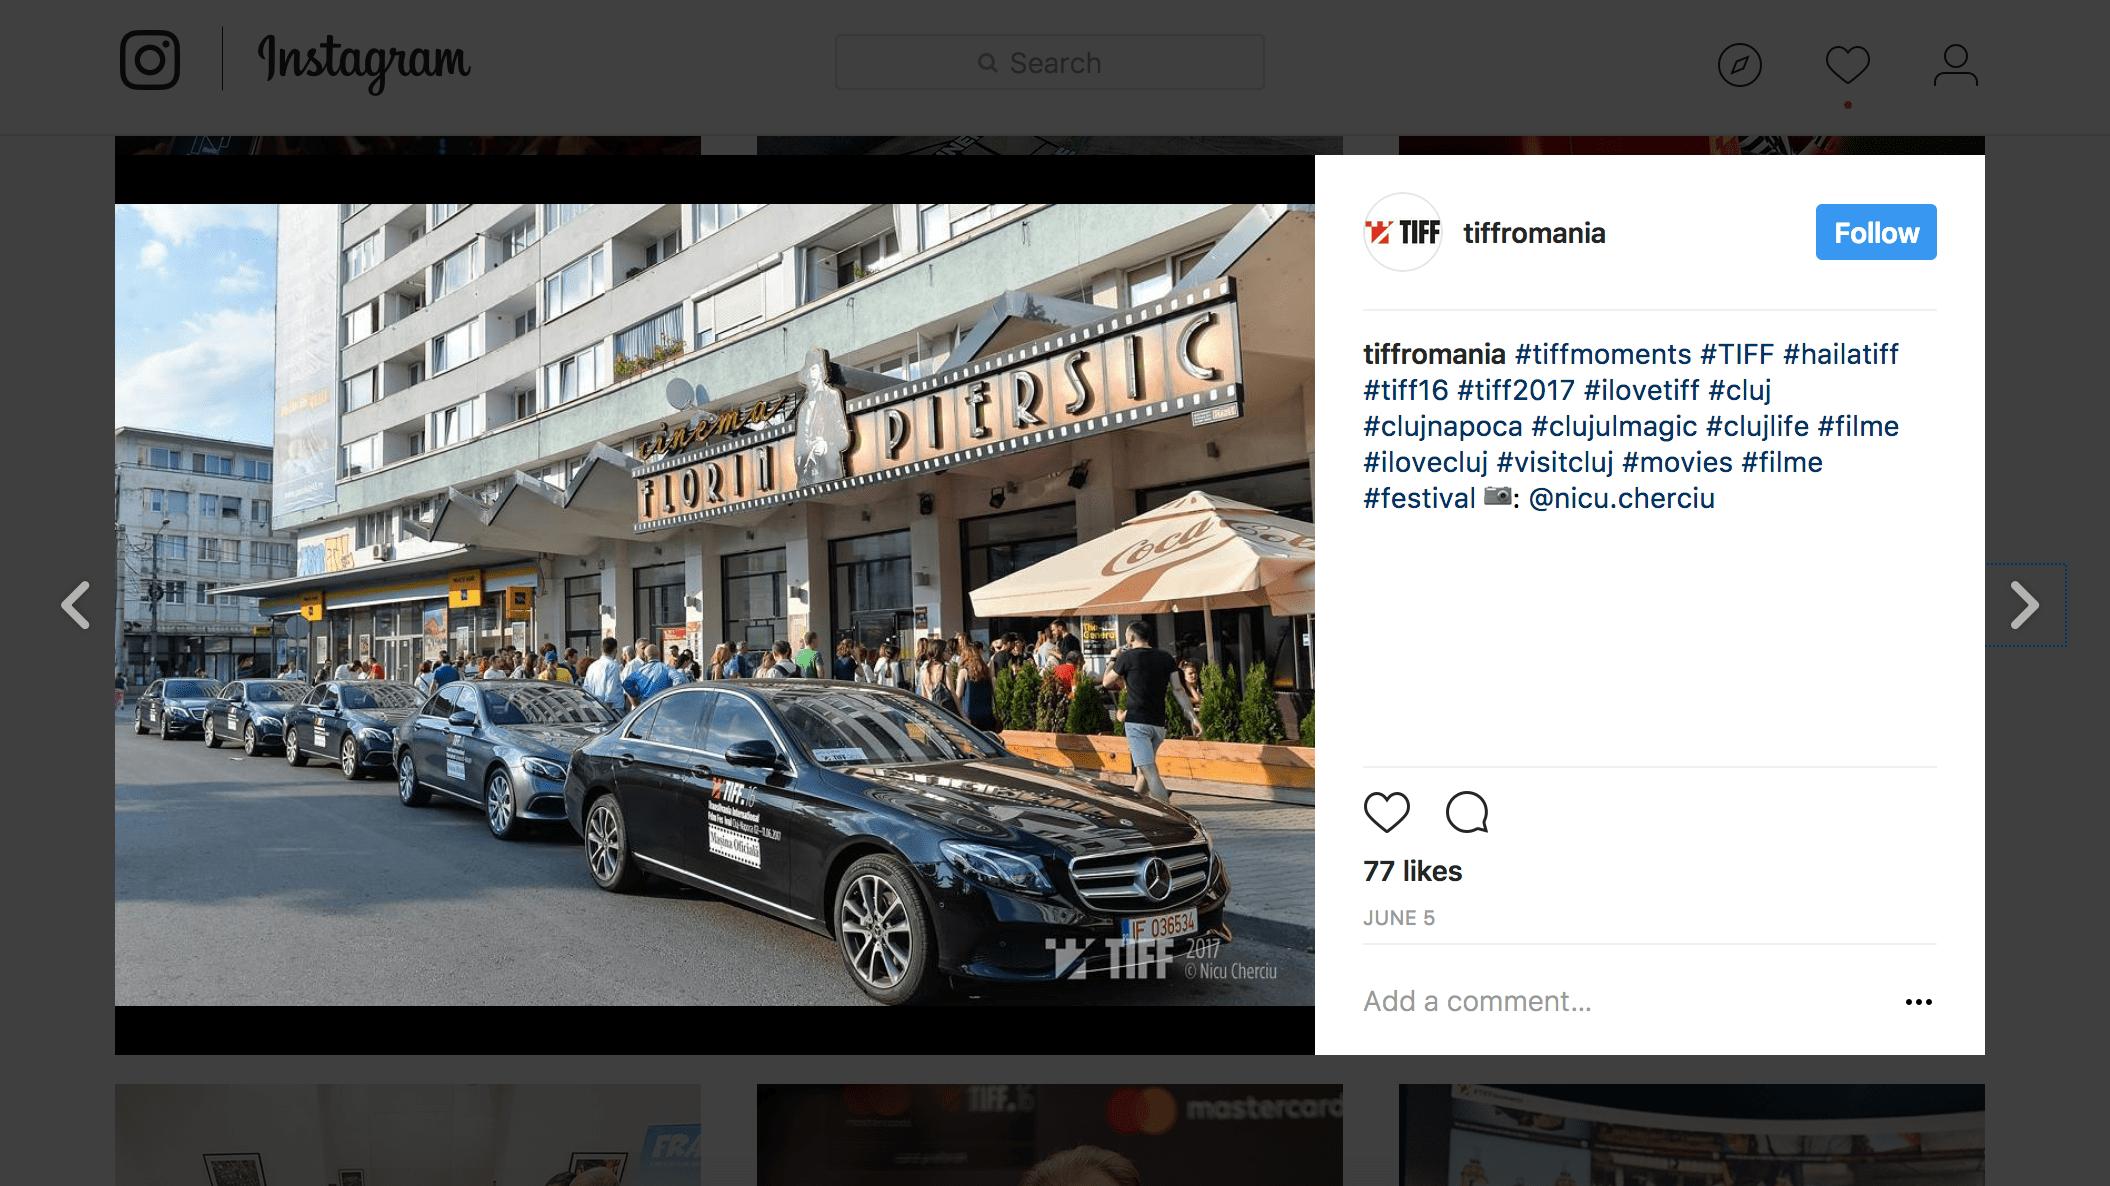 Cam asa s-a vazut Mercedes-Benz la TIFF 2017 pe Instagram